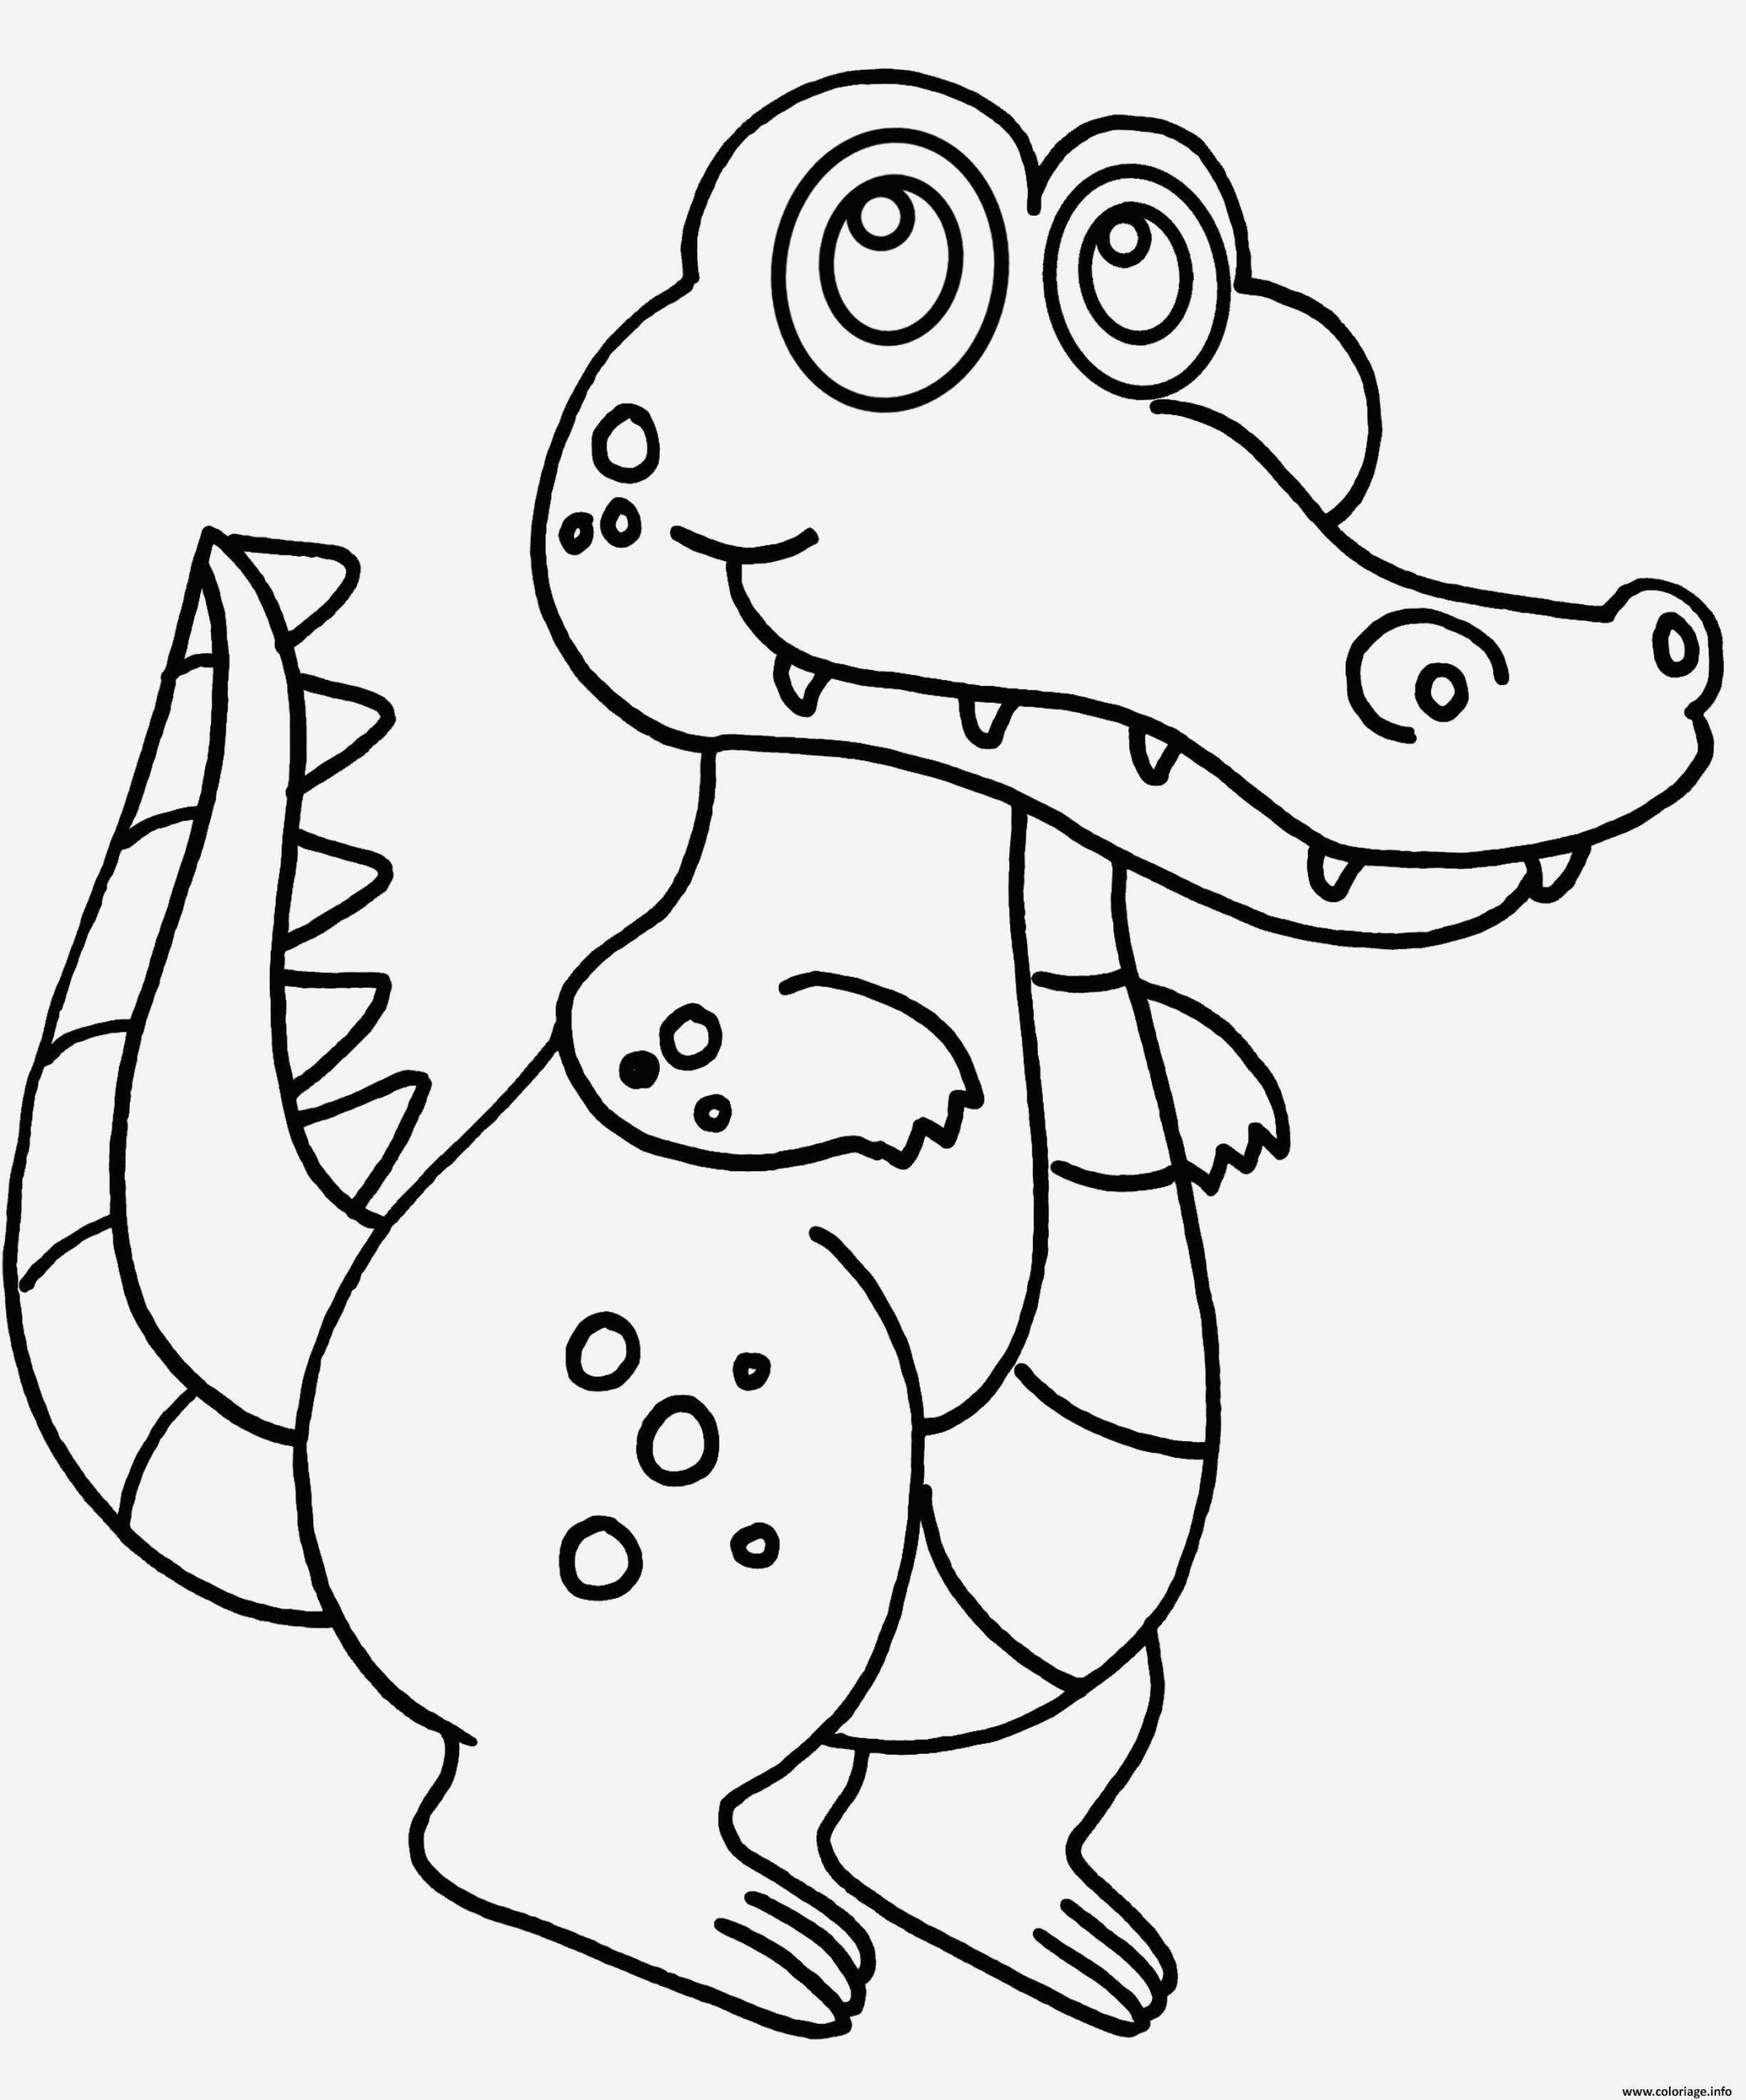 Coloriage Crocodile À Imprimer Gratuit - Coloriages Gratuits intérieur Dessin De Vague A Imprimer